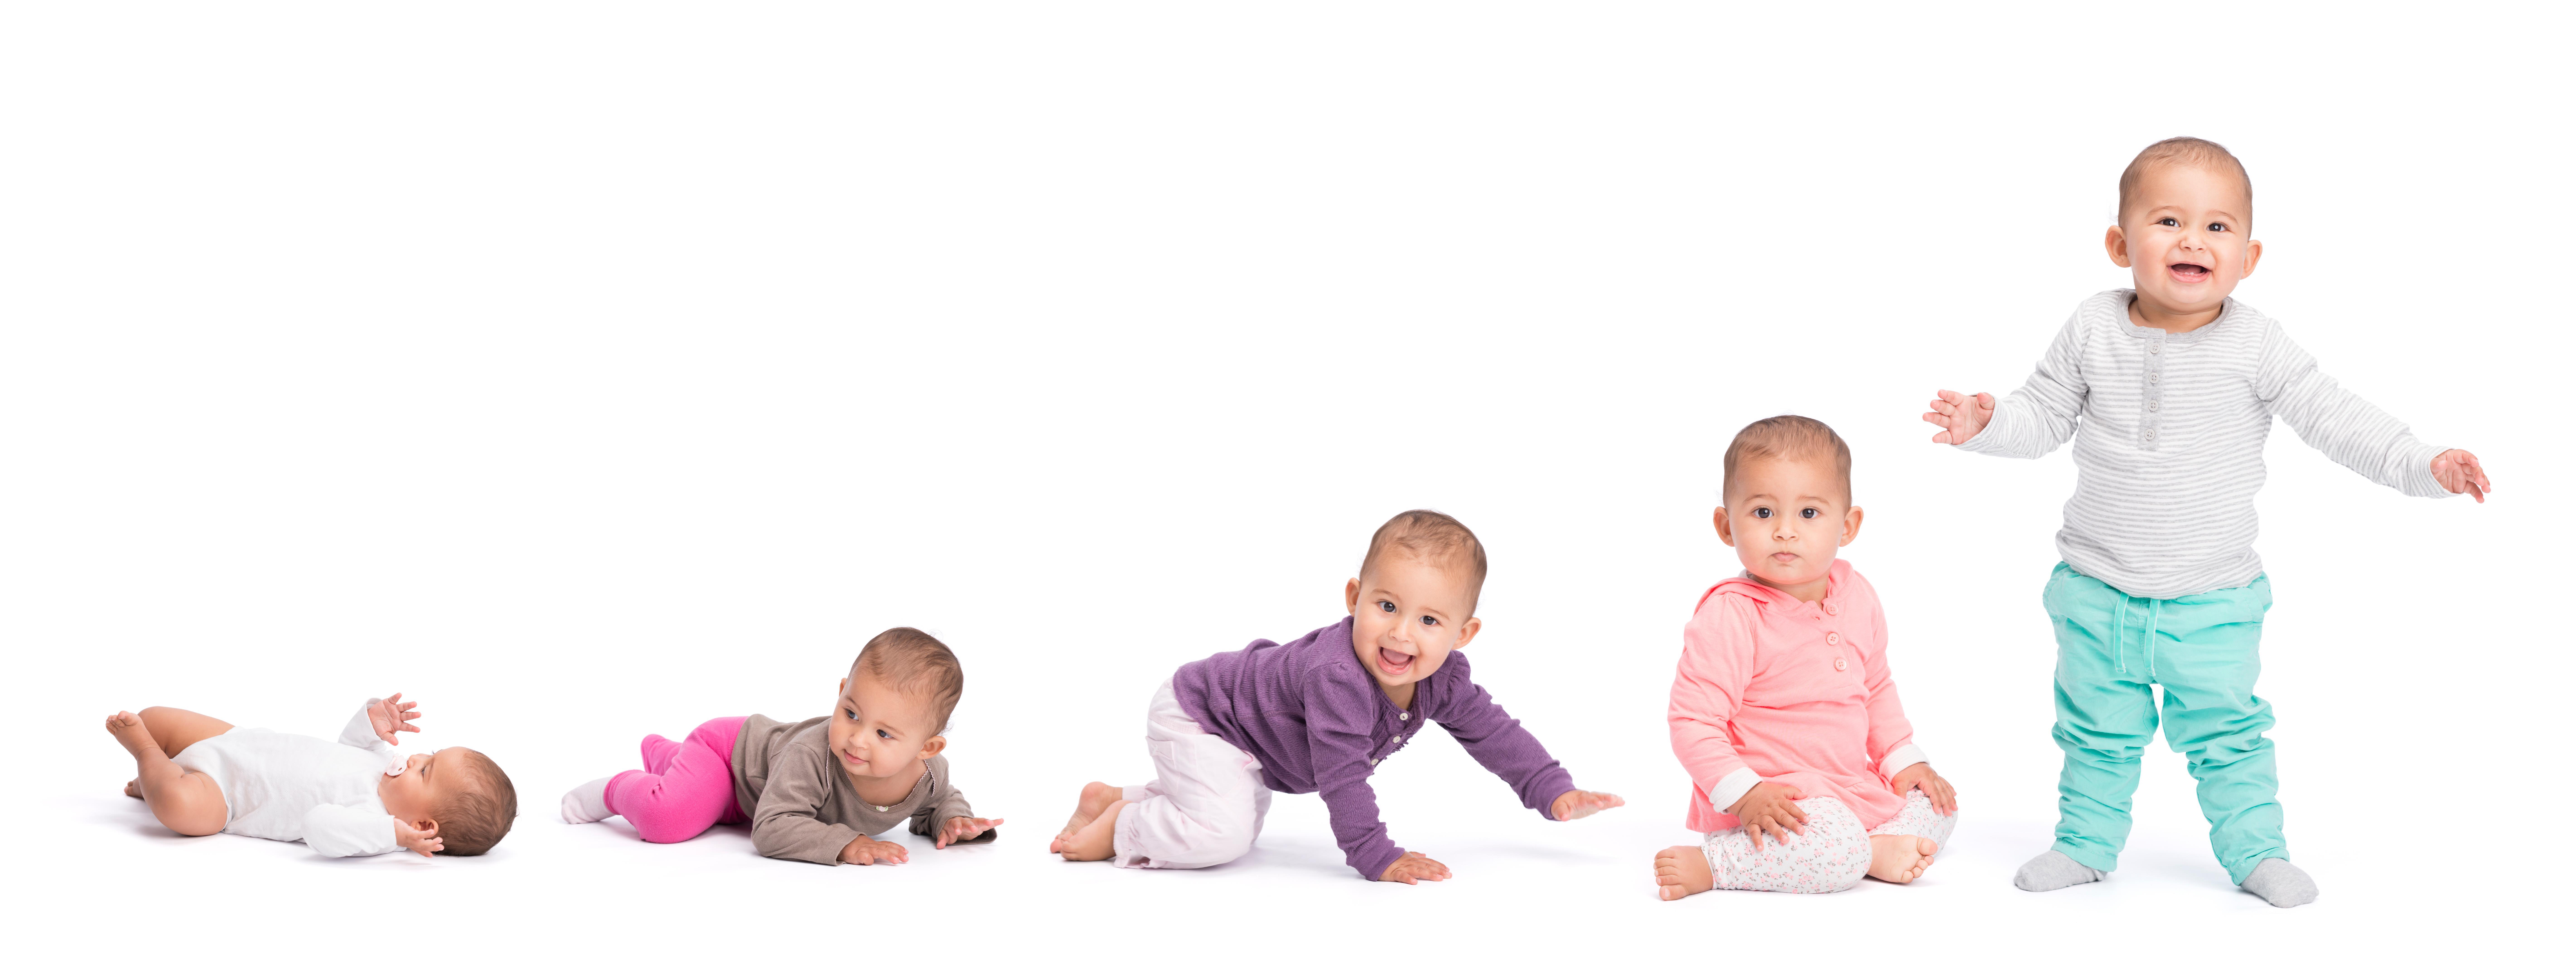 Sự phát triển của trẻ 2 và 3 tháng tuổI